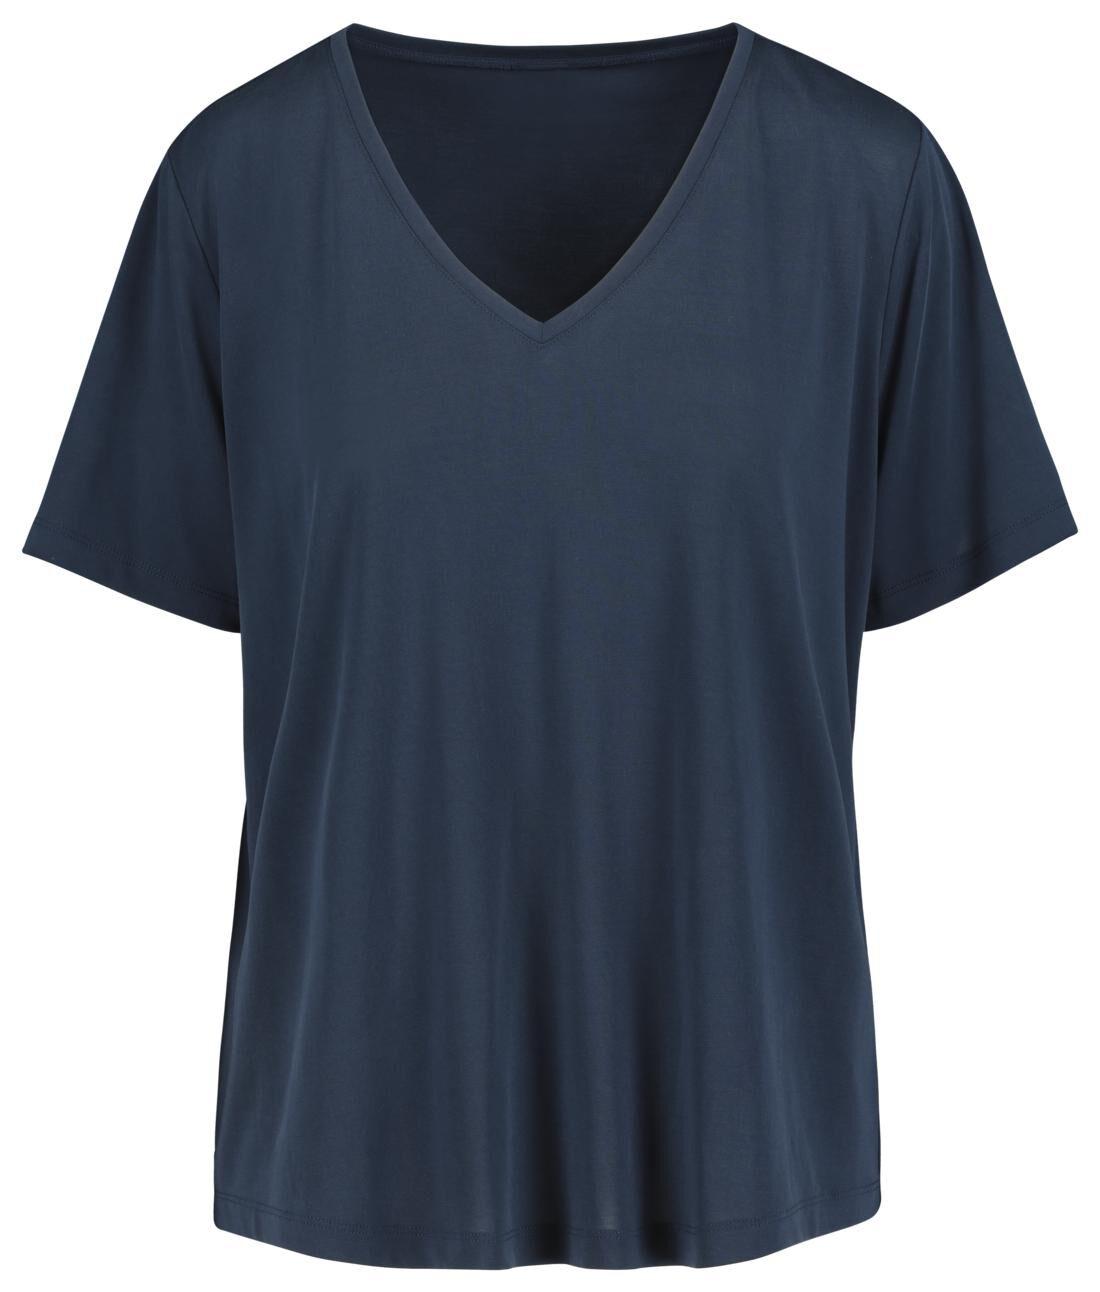 HEMA Dames T-shirt Donkerblauw (donkerblauw)